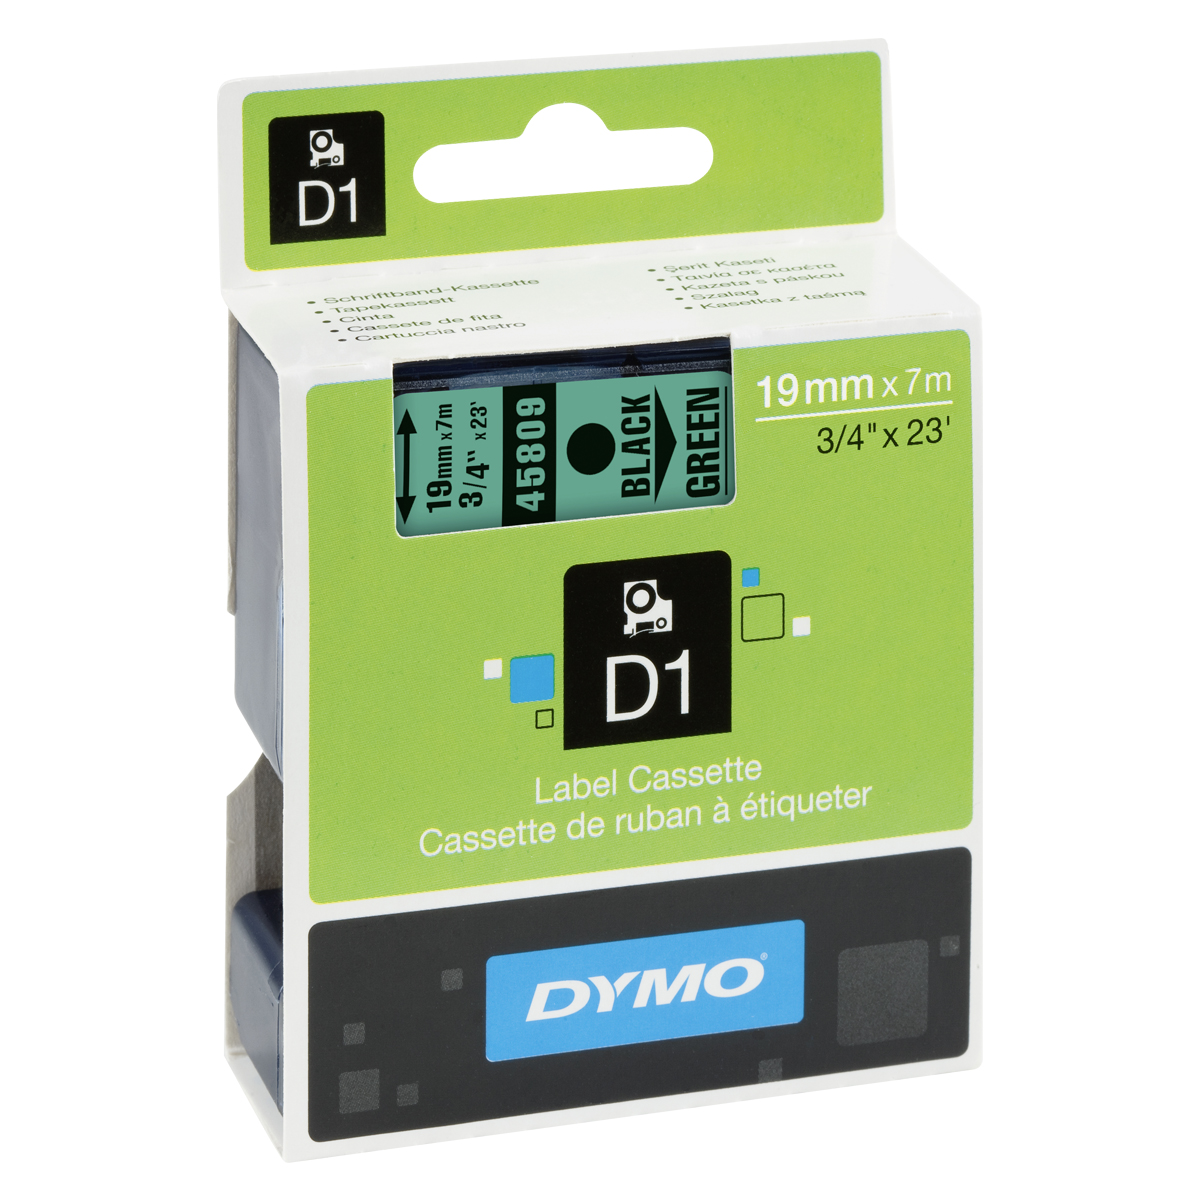 Dymo D1-Schriftband 19mm x 7m schwarz auf grün